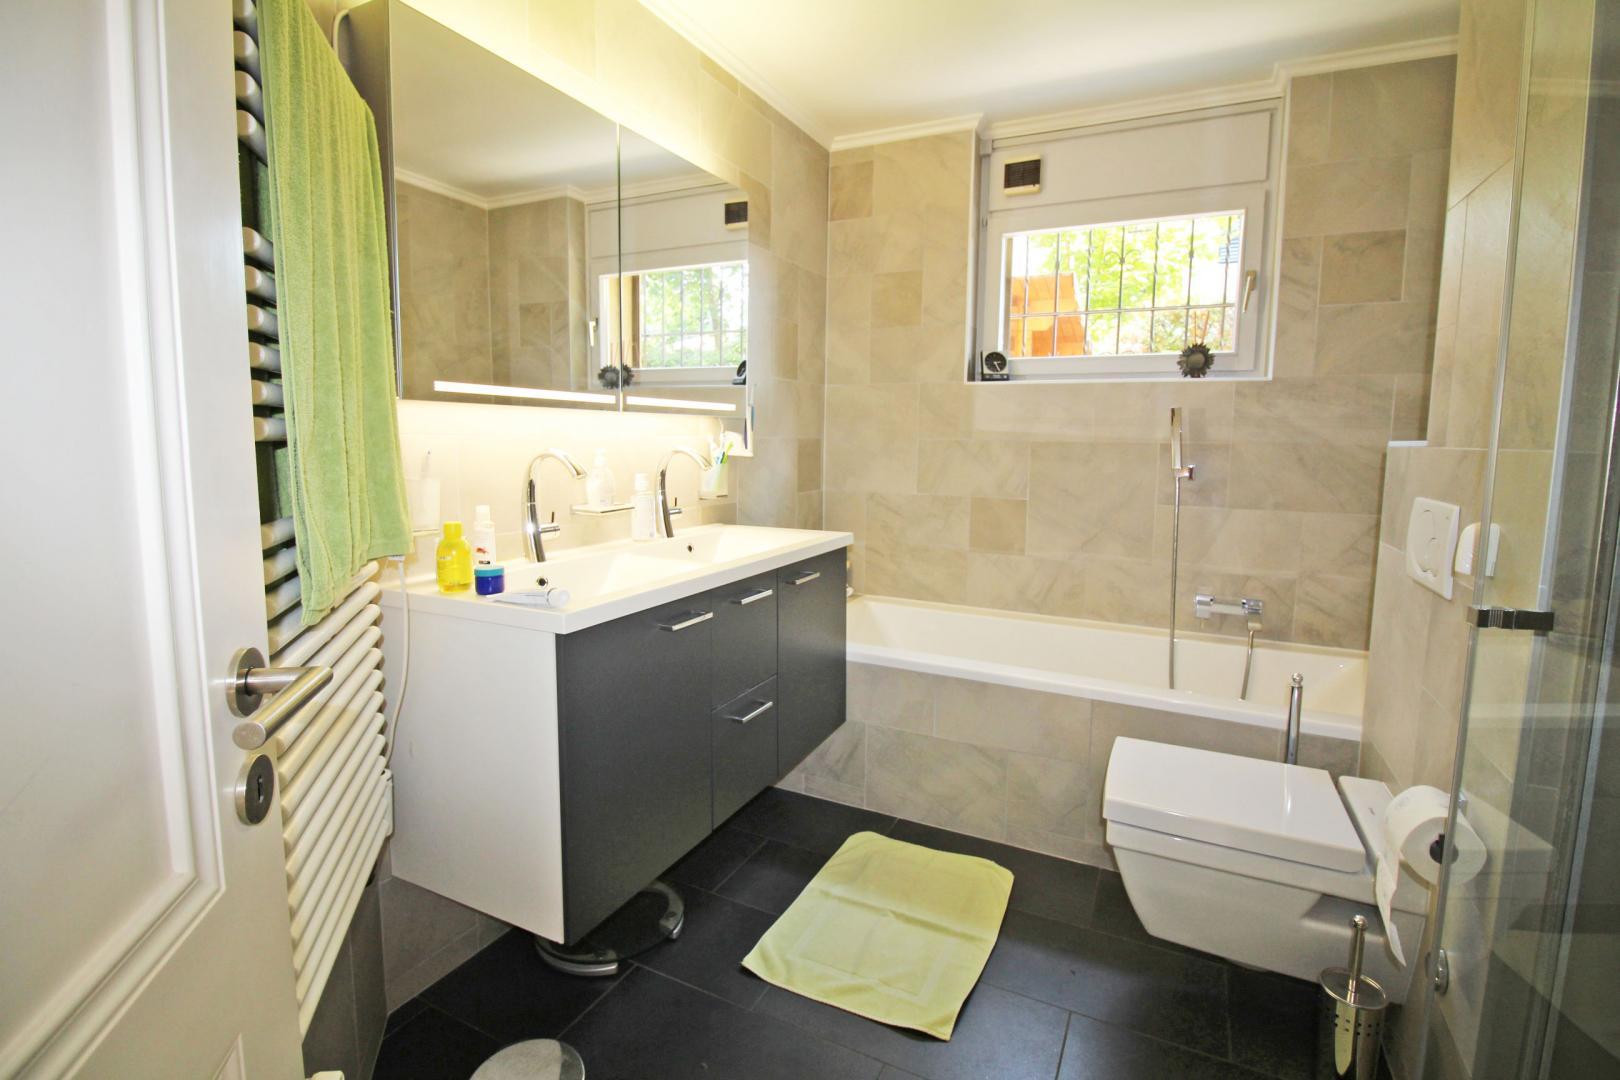 Salle De Bain 4.5 M2 a vendre appartement 4.5 pièces à pully - bld immobilier